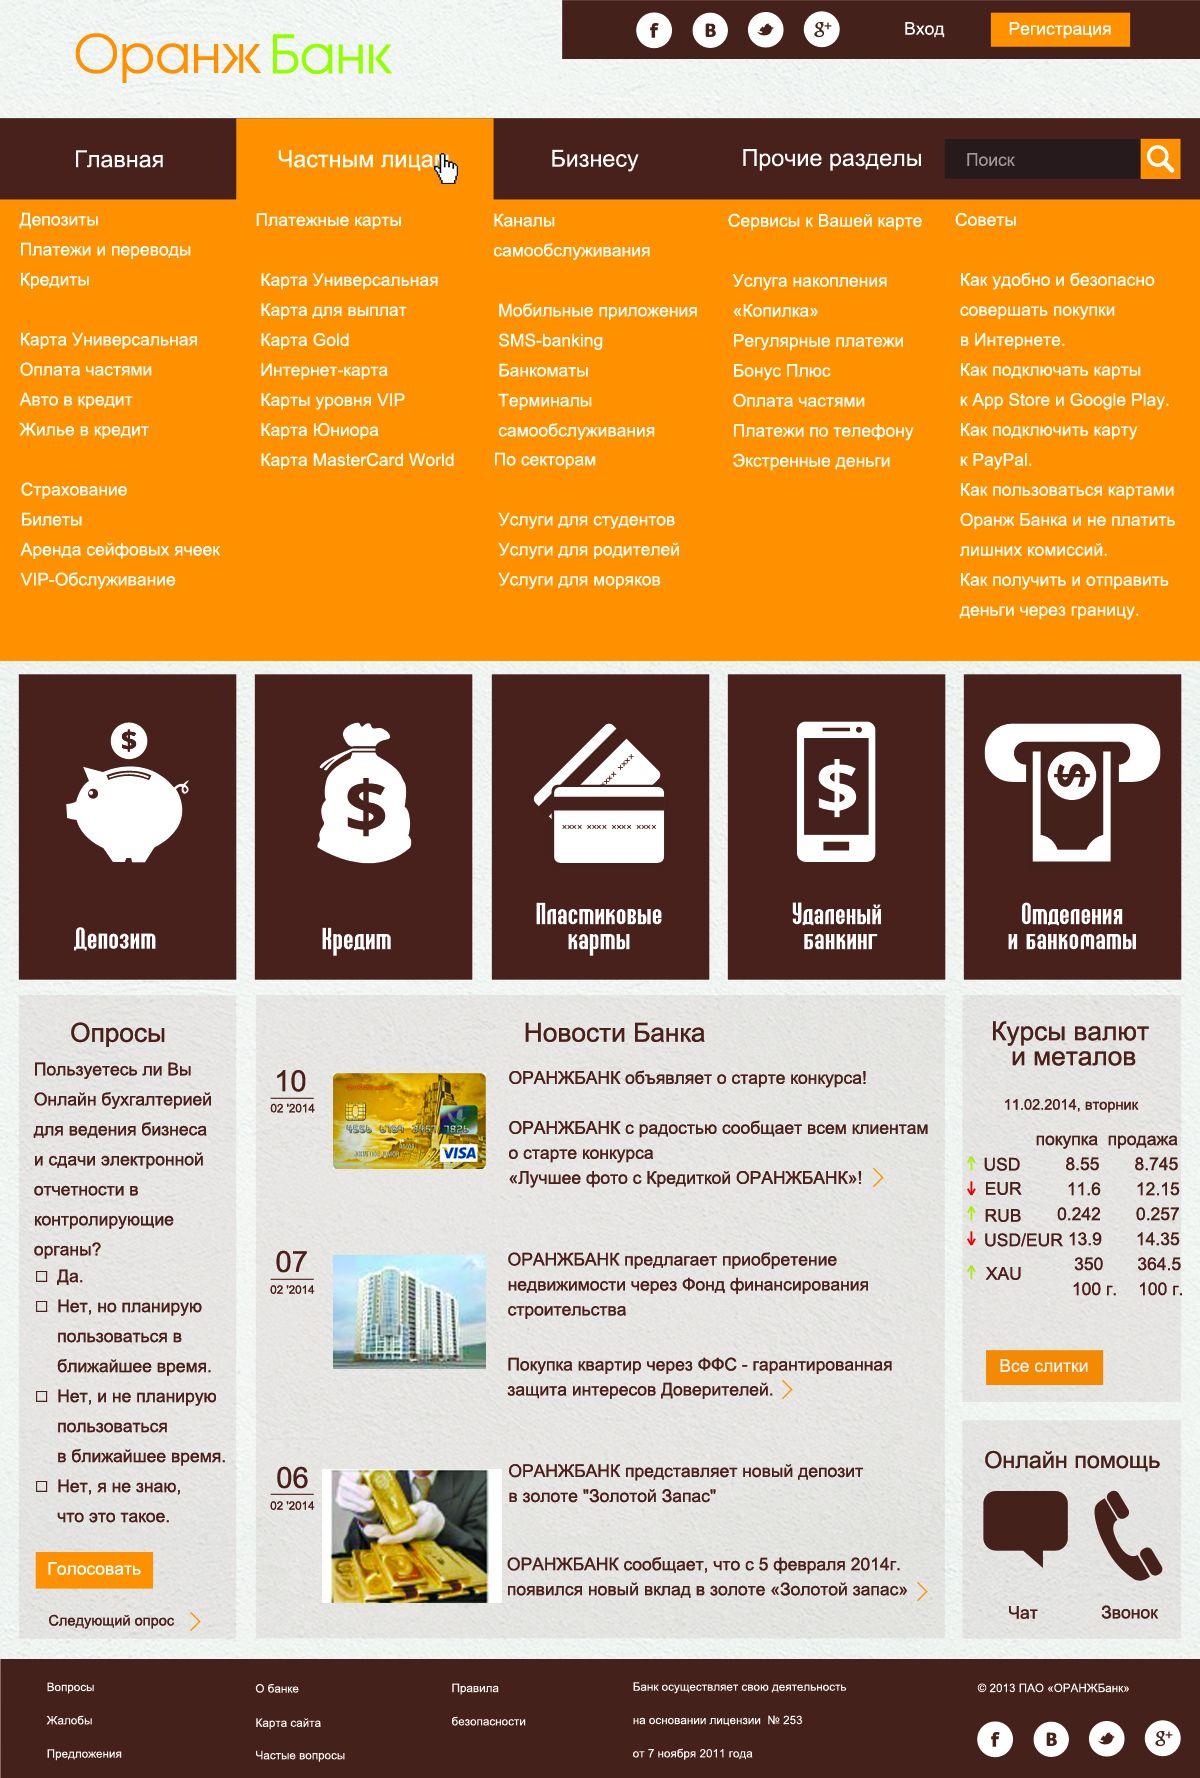 Креативный дизайн Главной страницы Банка - дизайнер Kapitane